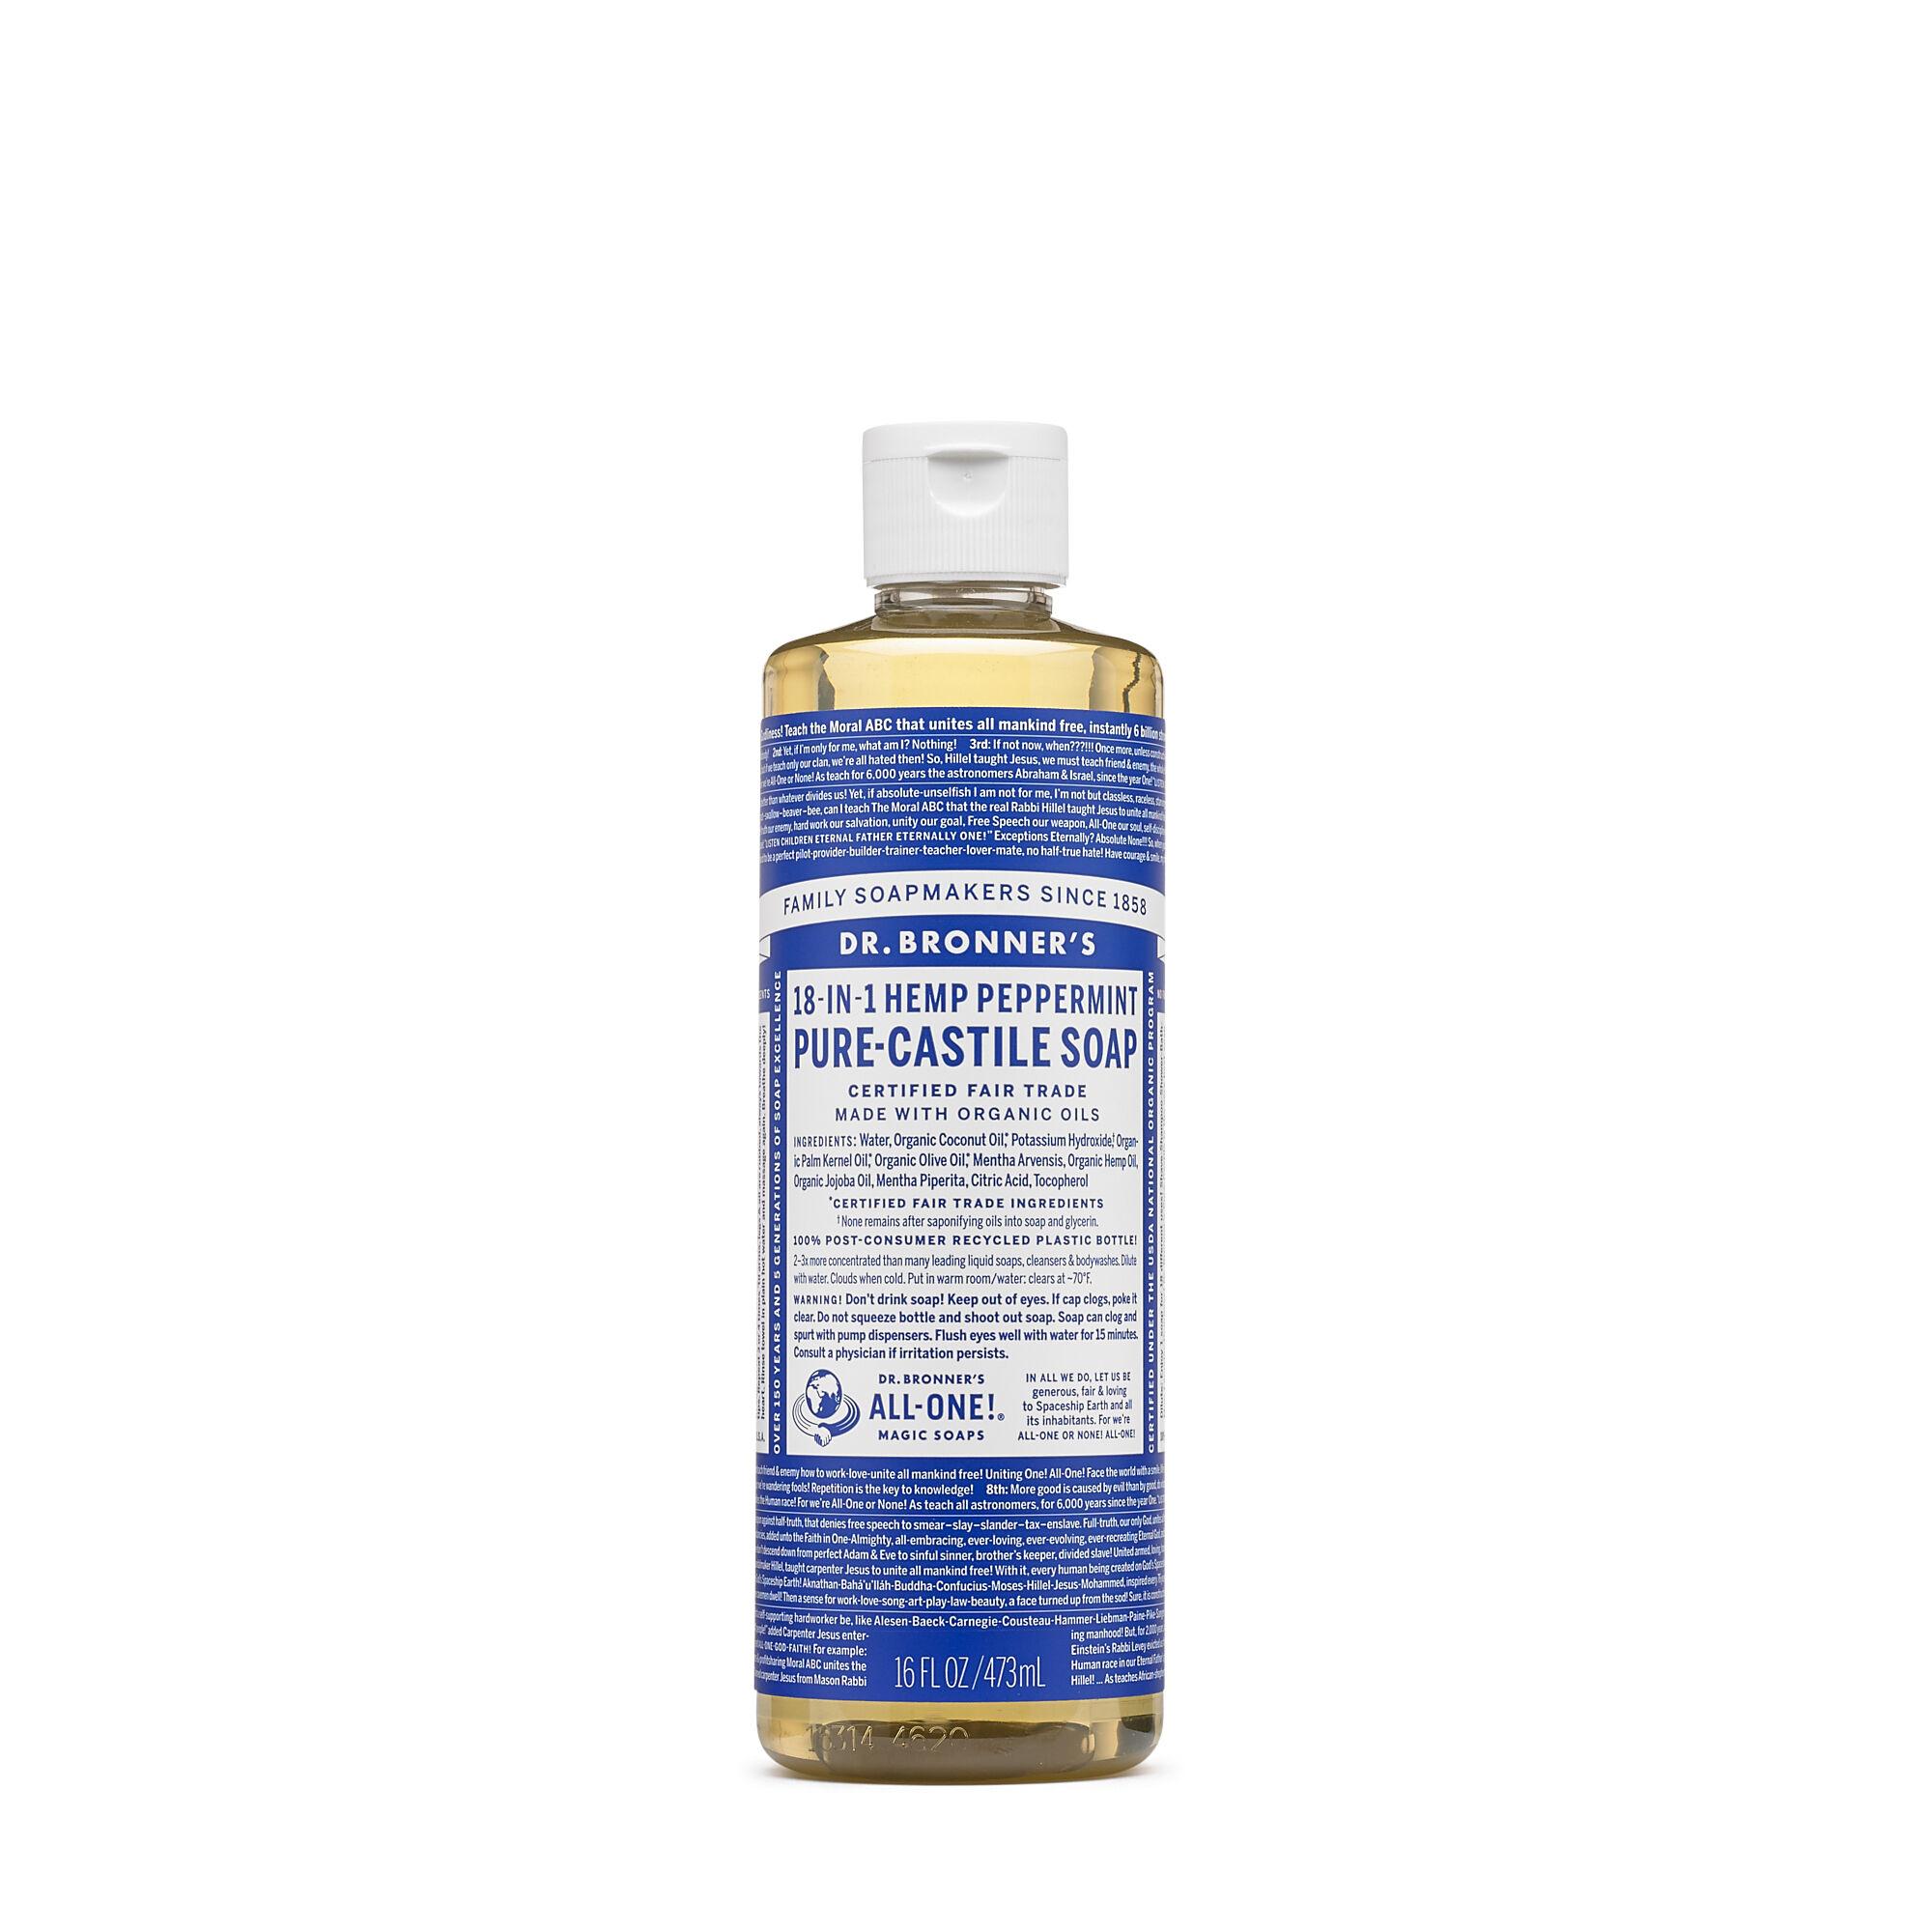 Dr  Bronner's Pure-Castile Liquid Soap - Peppermint